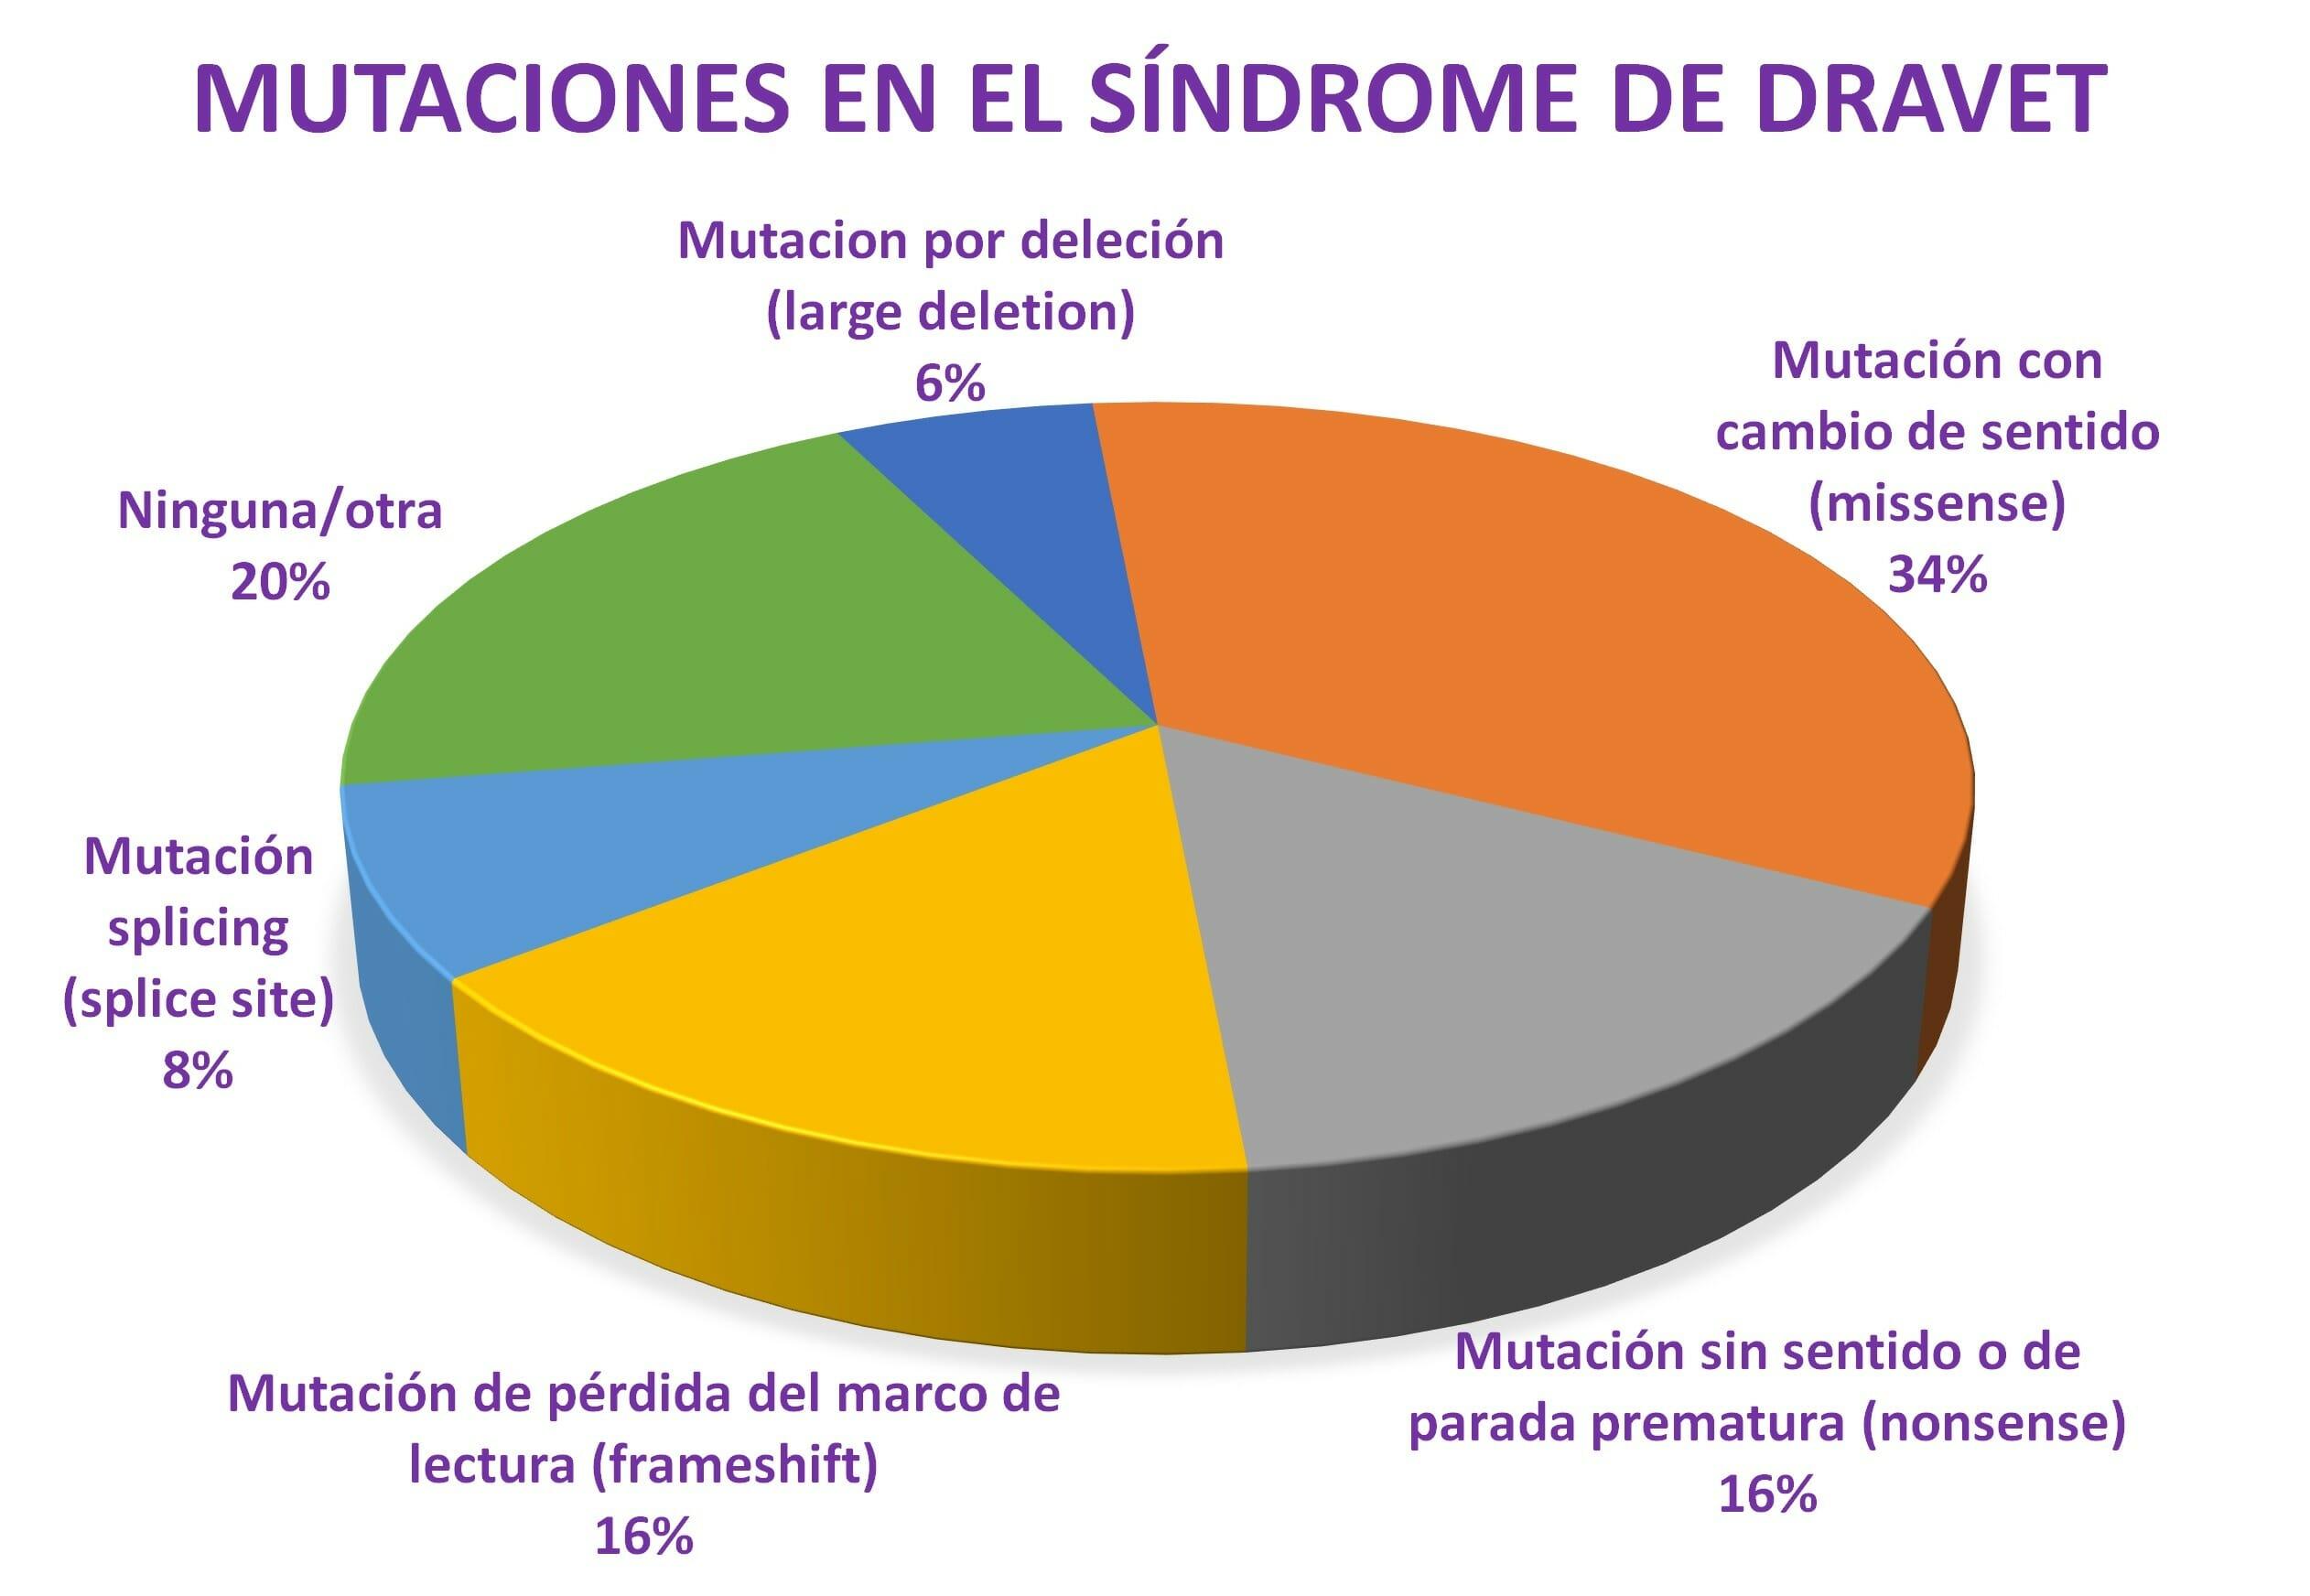 Mutaciones en el síndrome de Dravet